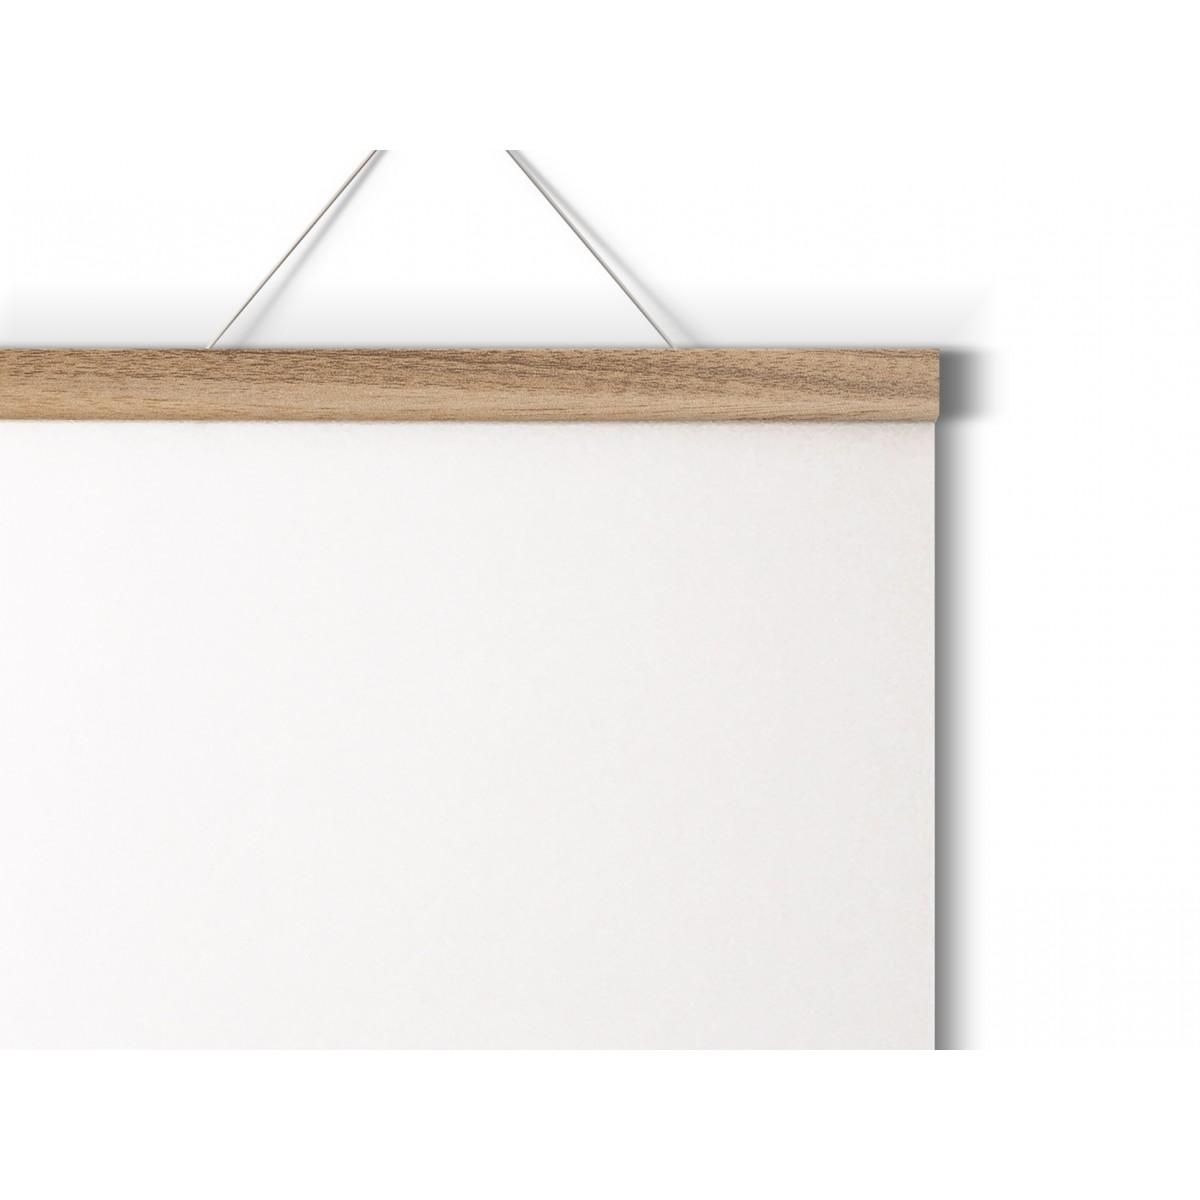 Magnetische Posterleiste aus Eiche / perfekt für 50x70-Prints